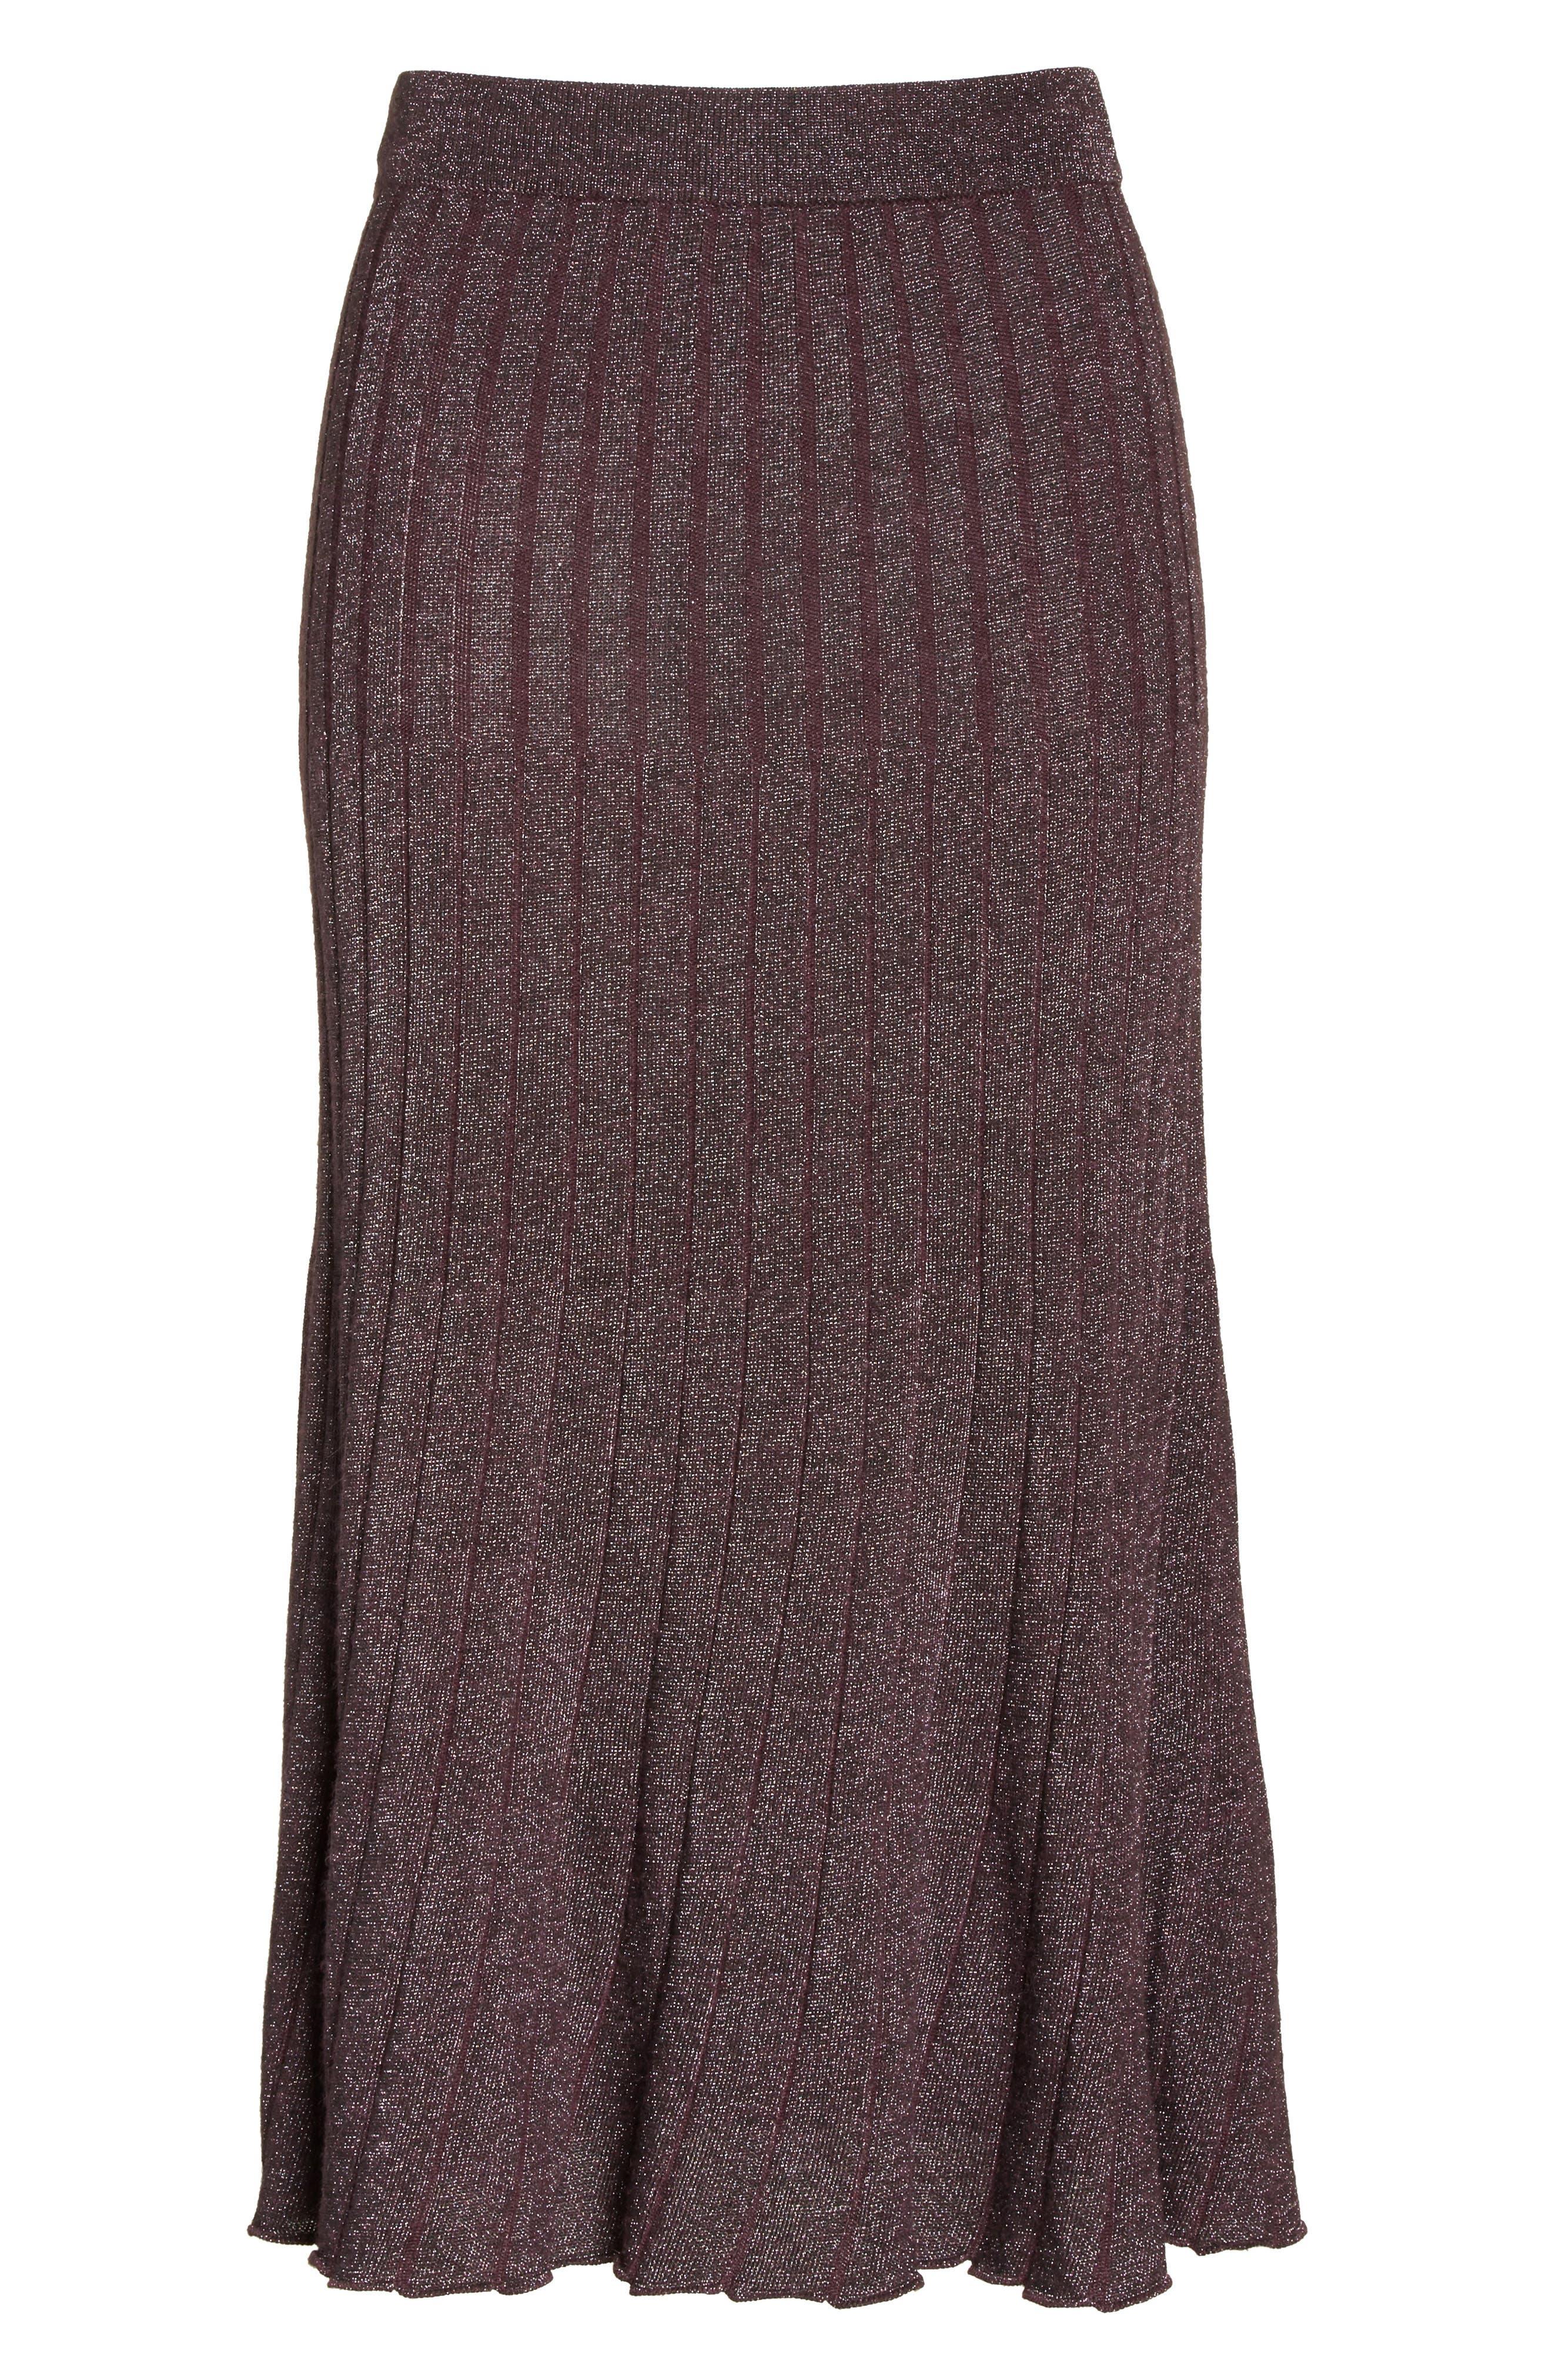 Metallic Ribbed Knit Skirt,                             Alternate thumbnail 7, color,                             Merlot